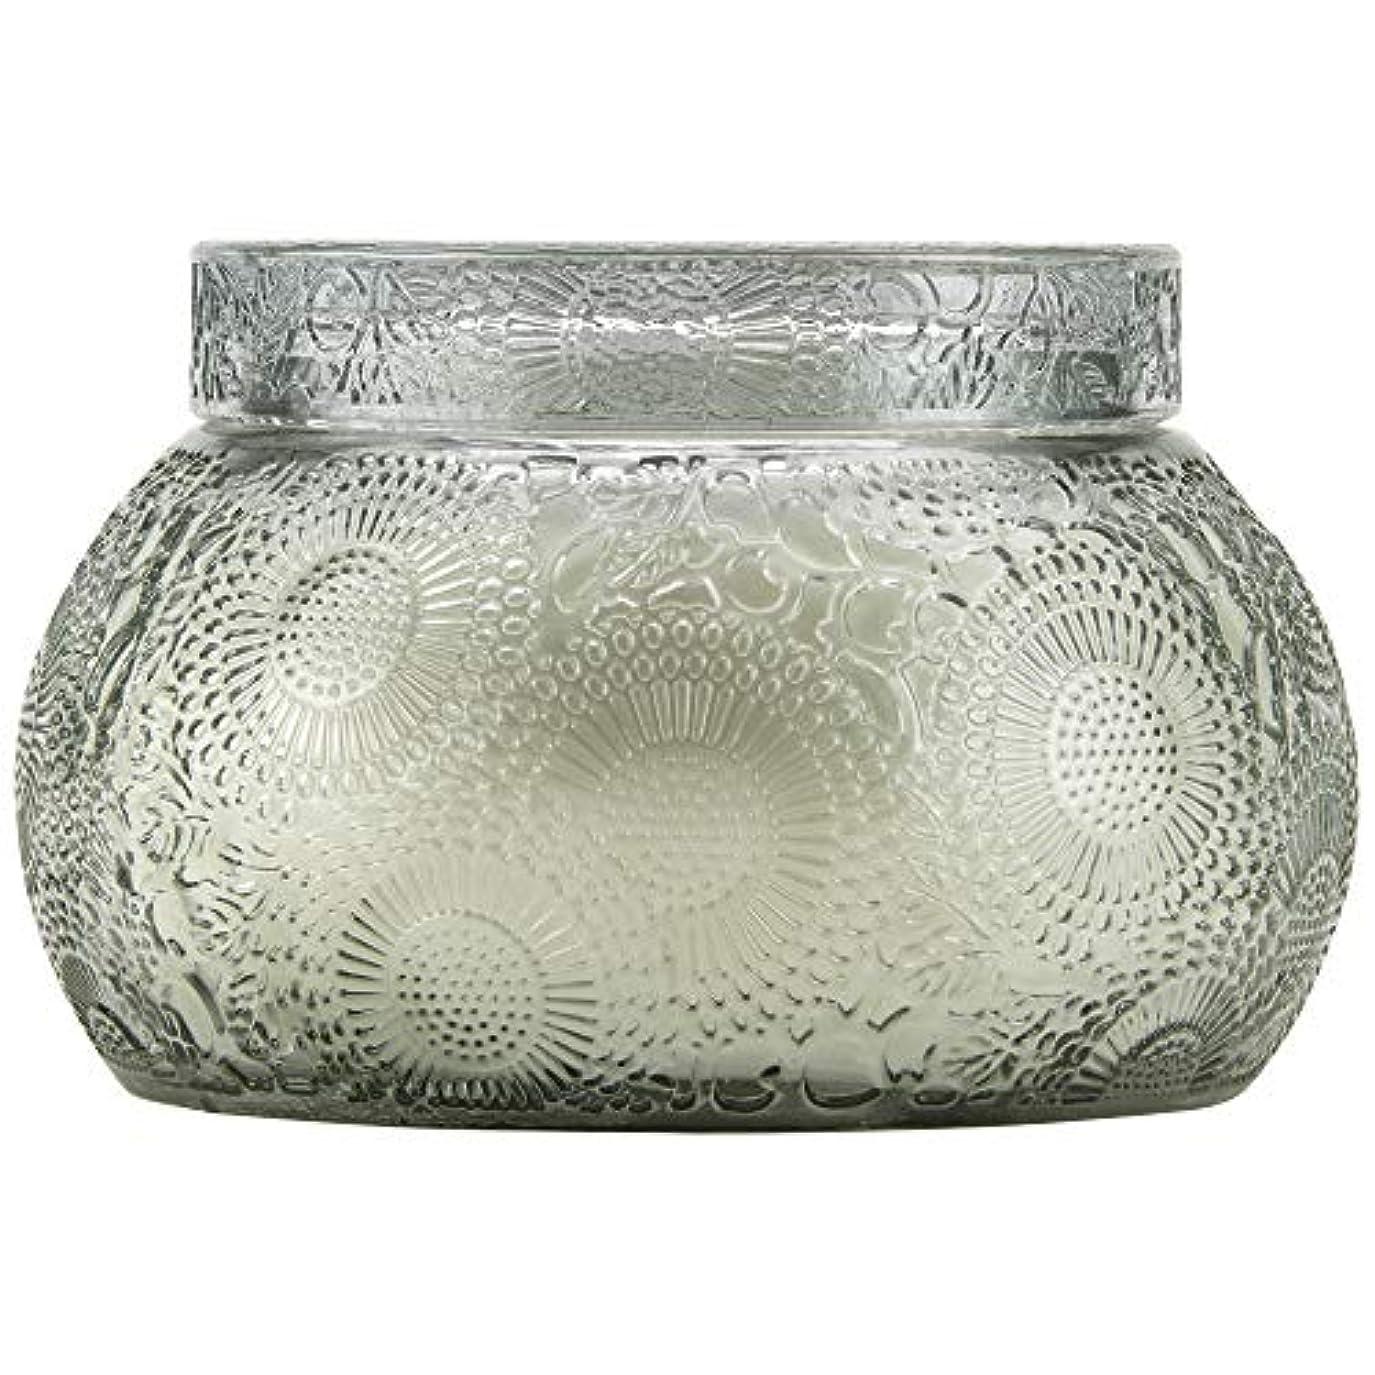 香ばしい毛細血管ベッドを作るVOLUSPA チャワングラスキャンドル French Cade Lavender フレンチケード&ラベンダー GLASS CANDLE ボルスパ